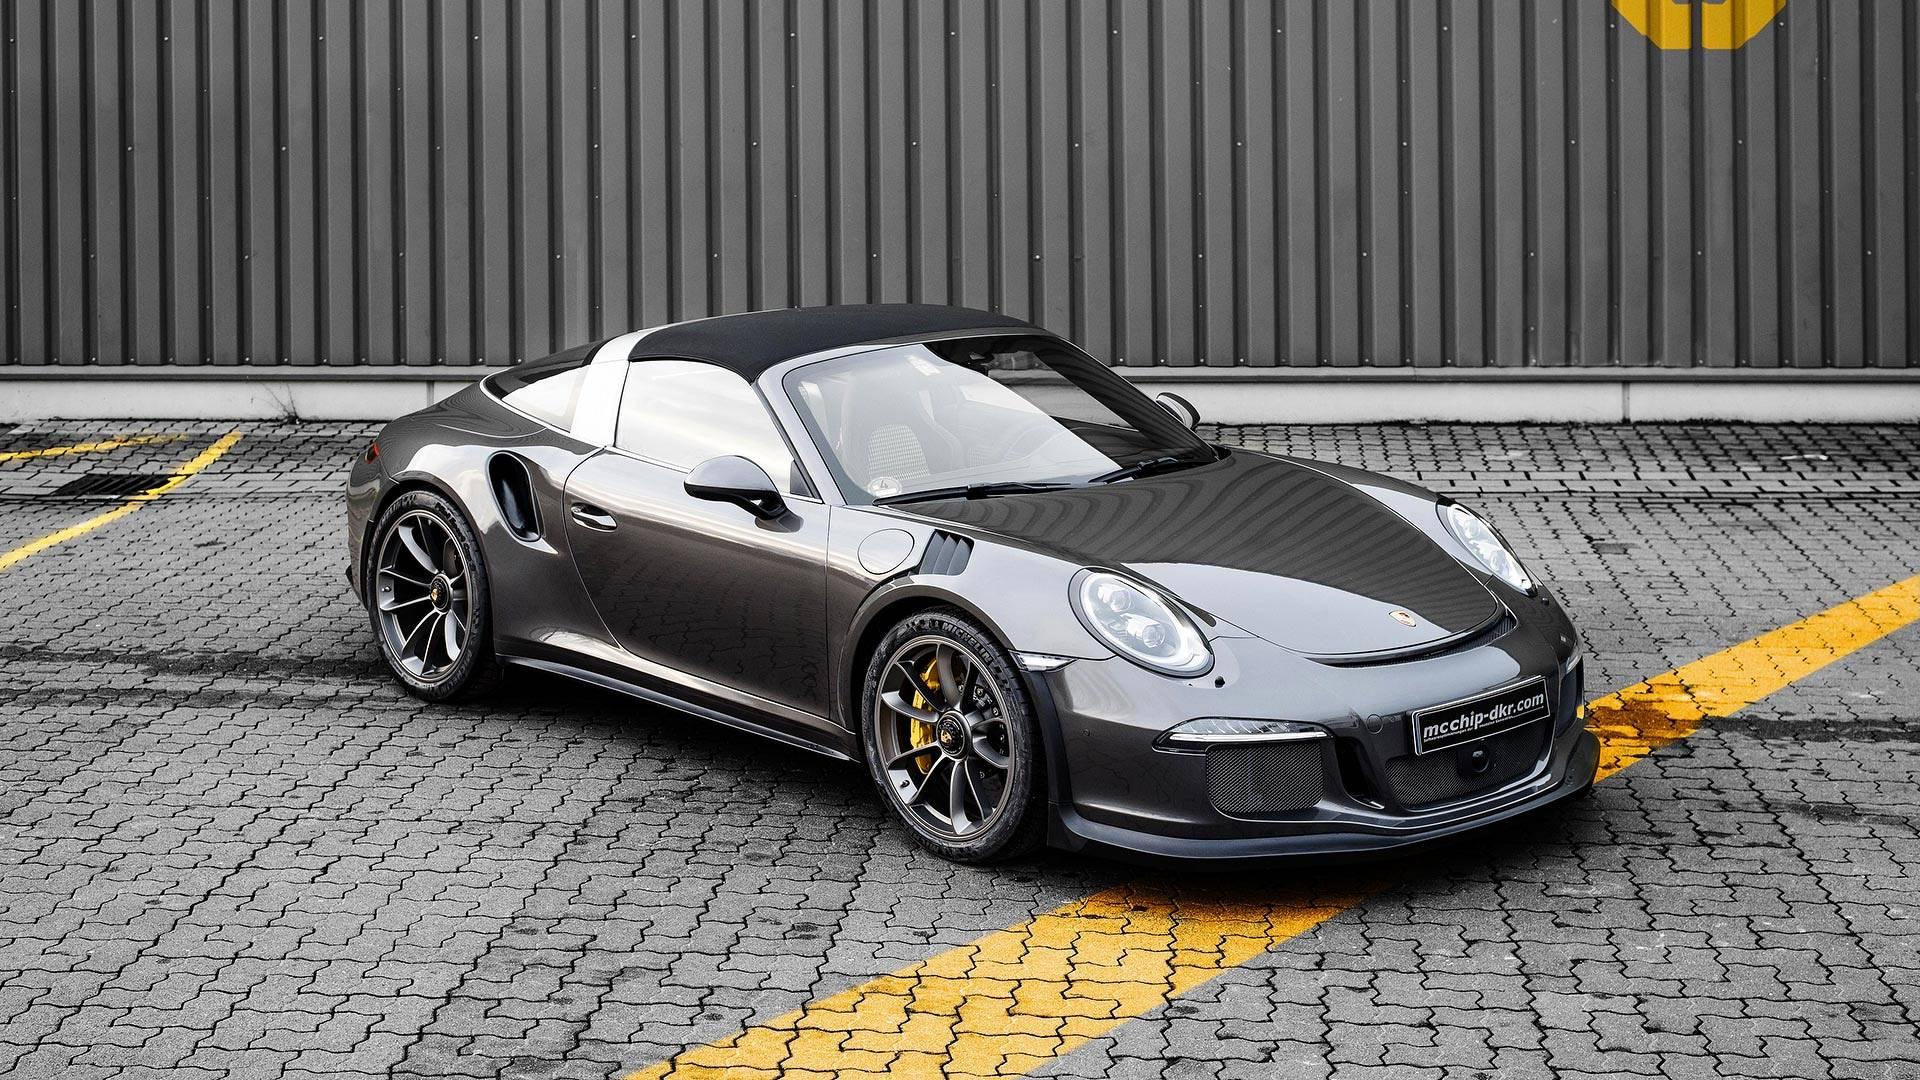 Специалисты немецкого тюнинг-ателье mcchip-dkr добавили мощности двигателю 911 Targa 4 GTS, доведя ее до уровня модели GT3